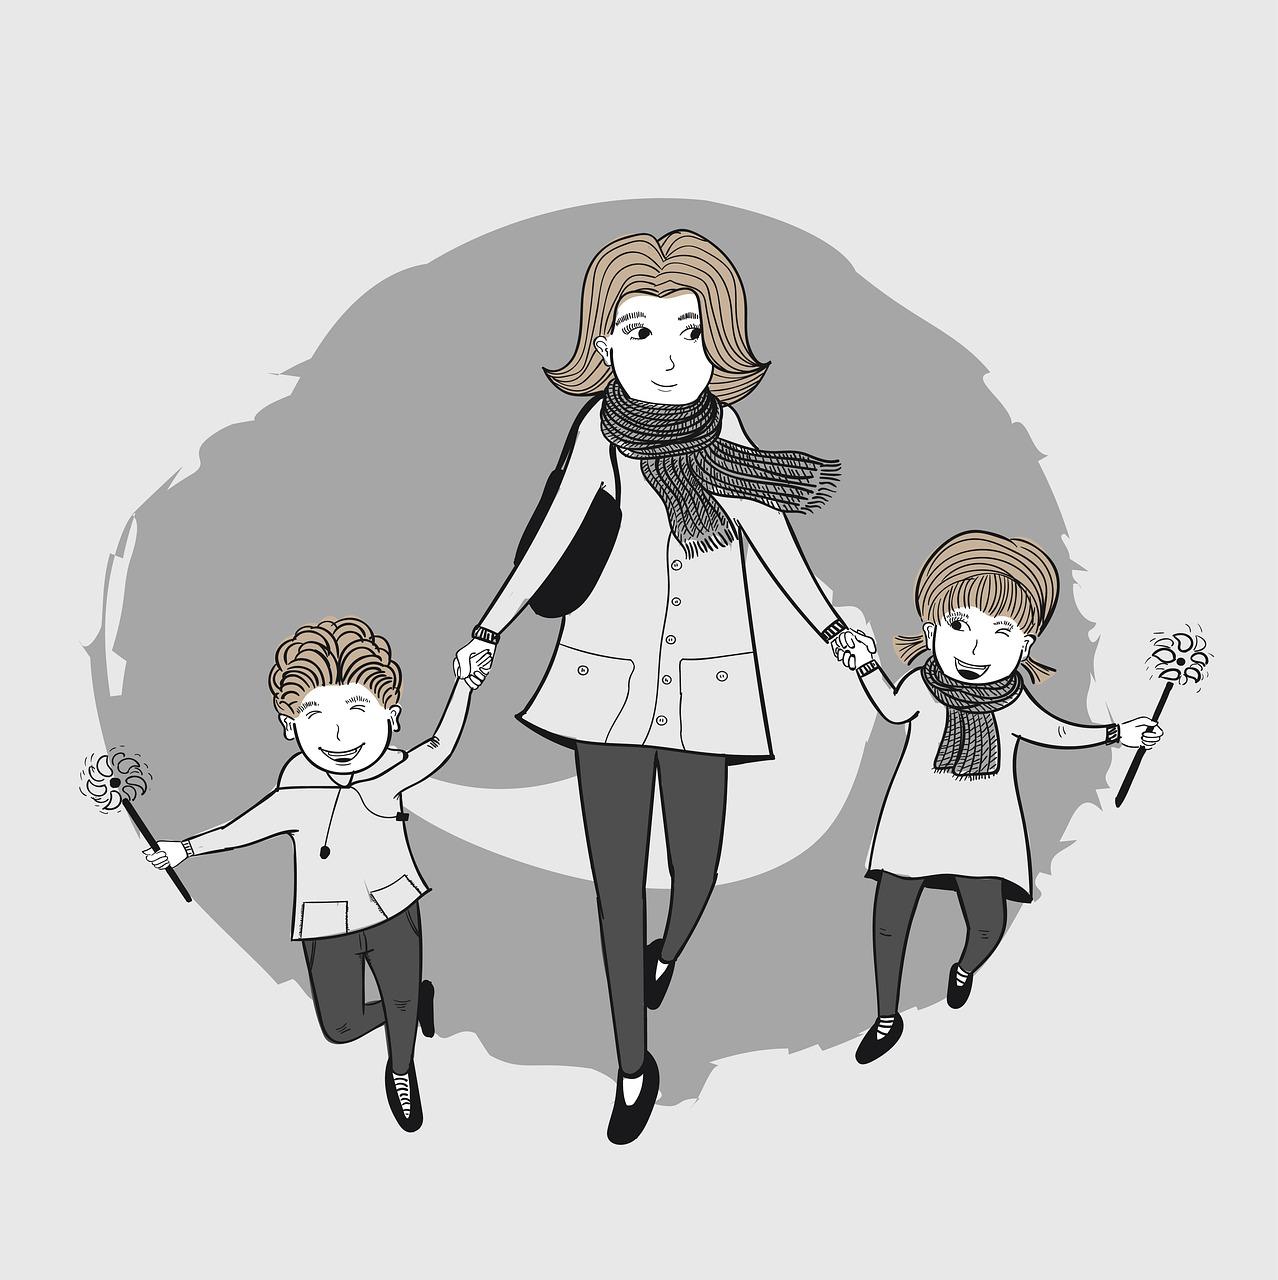 Family Kids Parent Mother Day  - Saydung89 / Pixabay